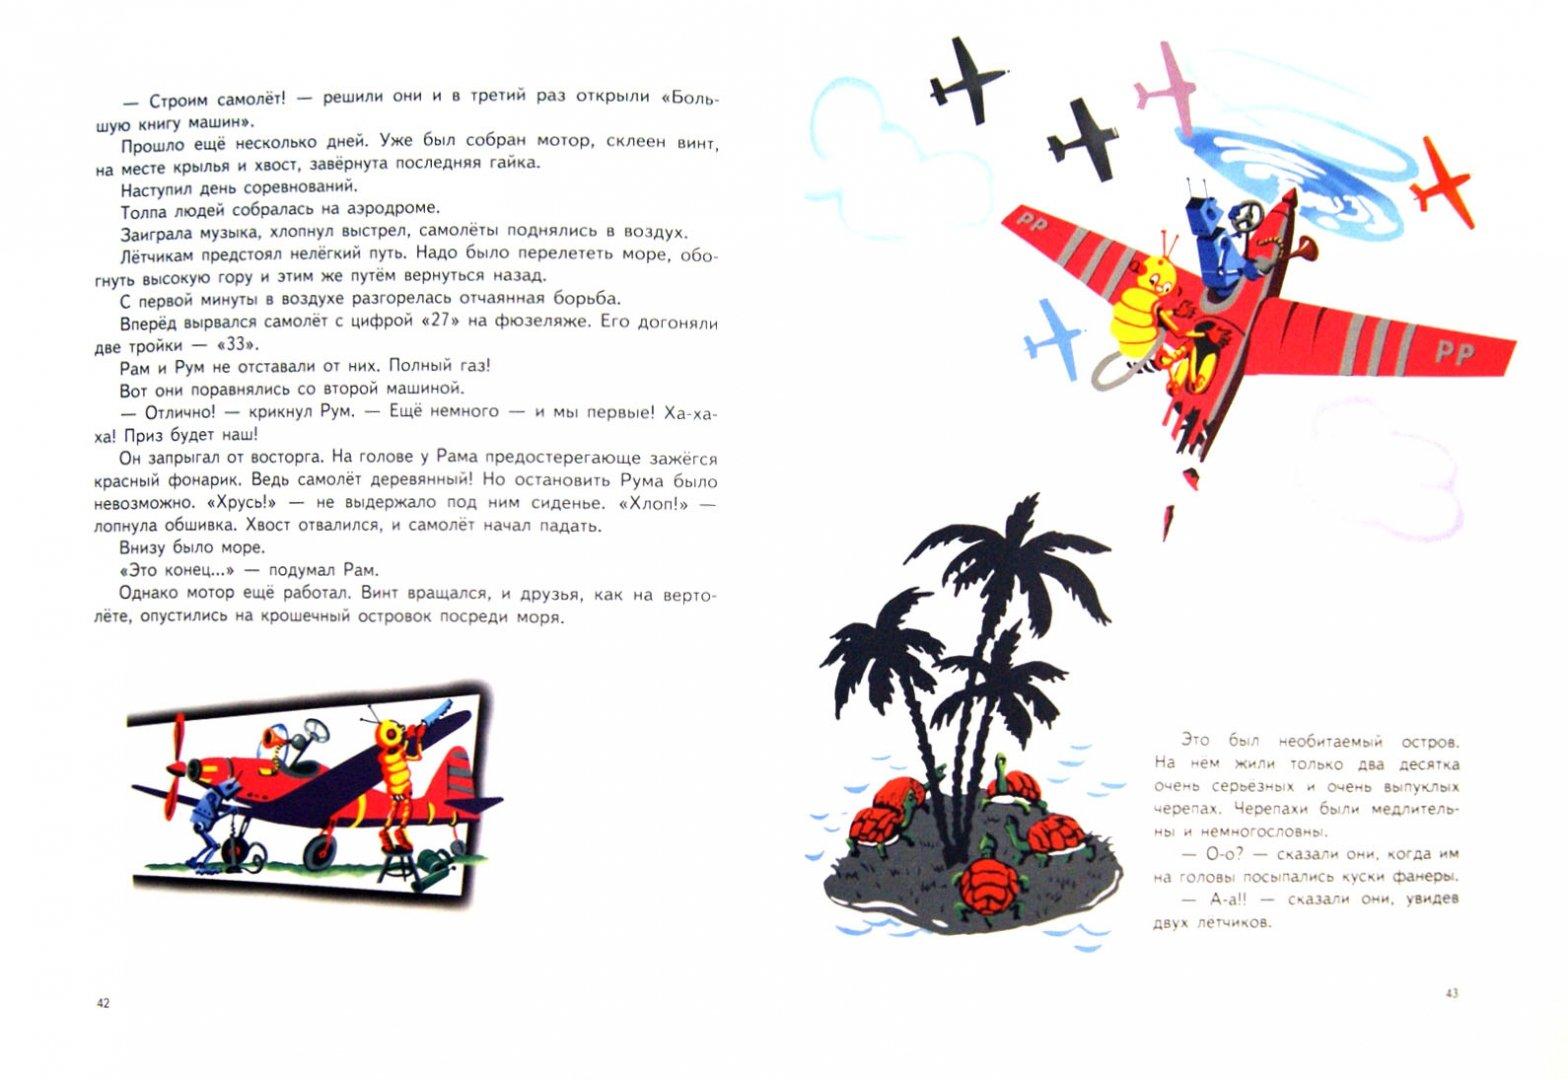 Иллюстрация 1 из 40 для Рам и Рум - Святослав Сахарнов   Лабиринт - книги. Источник: Лабиринт